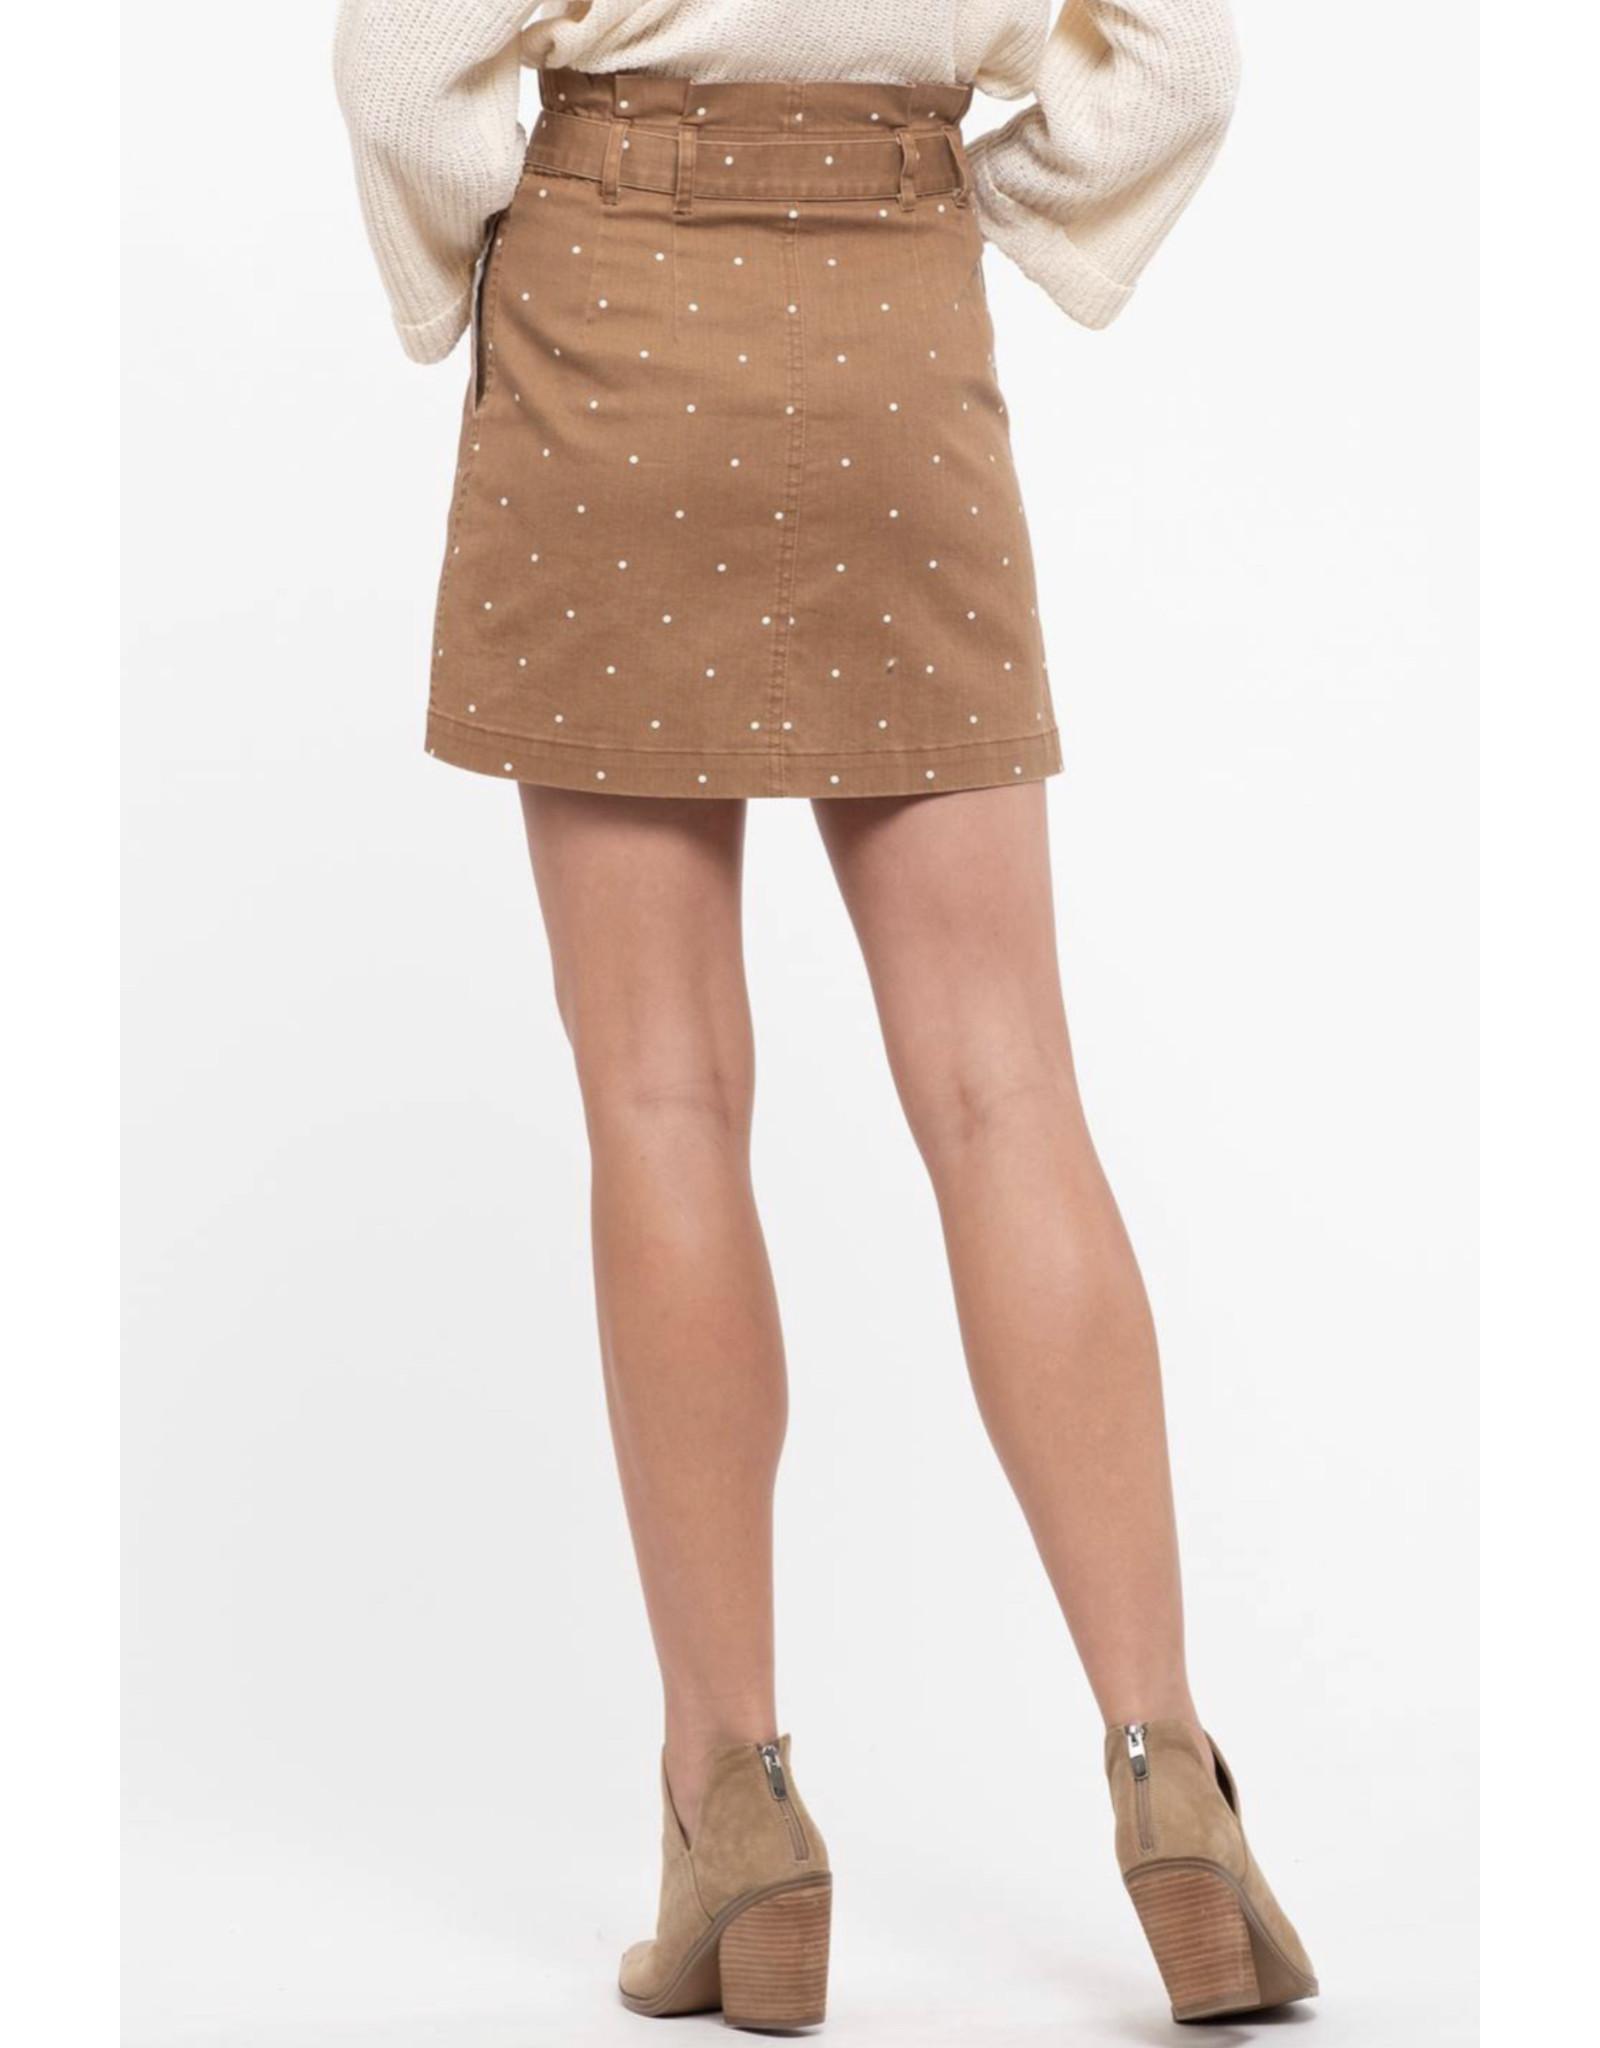 Blu Pepper Blu Pepper, Polka Dot Mini Skirt, Brown